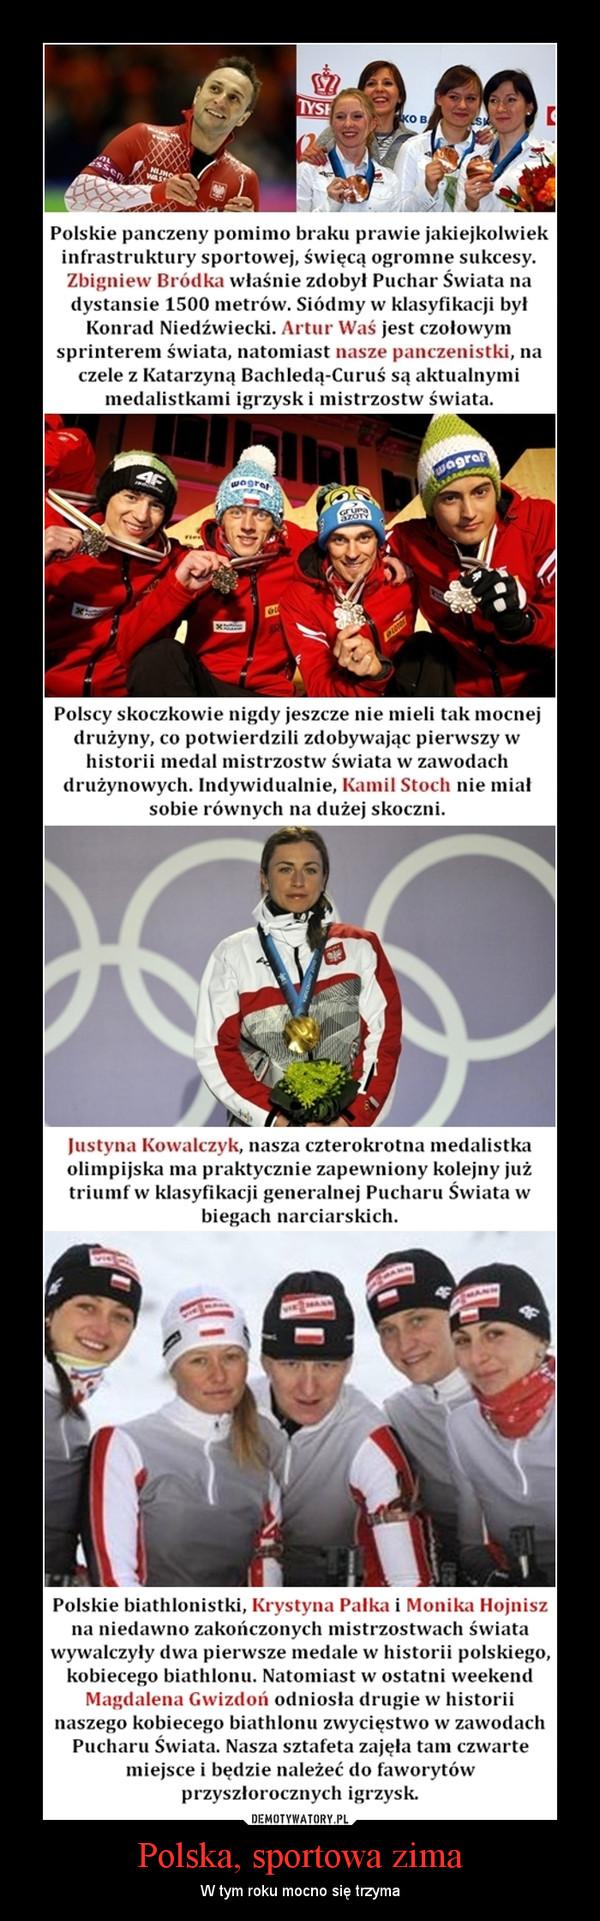 Polska, sportowa zima – W tym roku mocno się trzyma